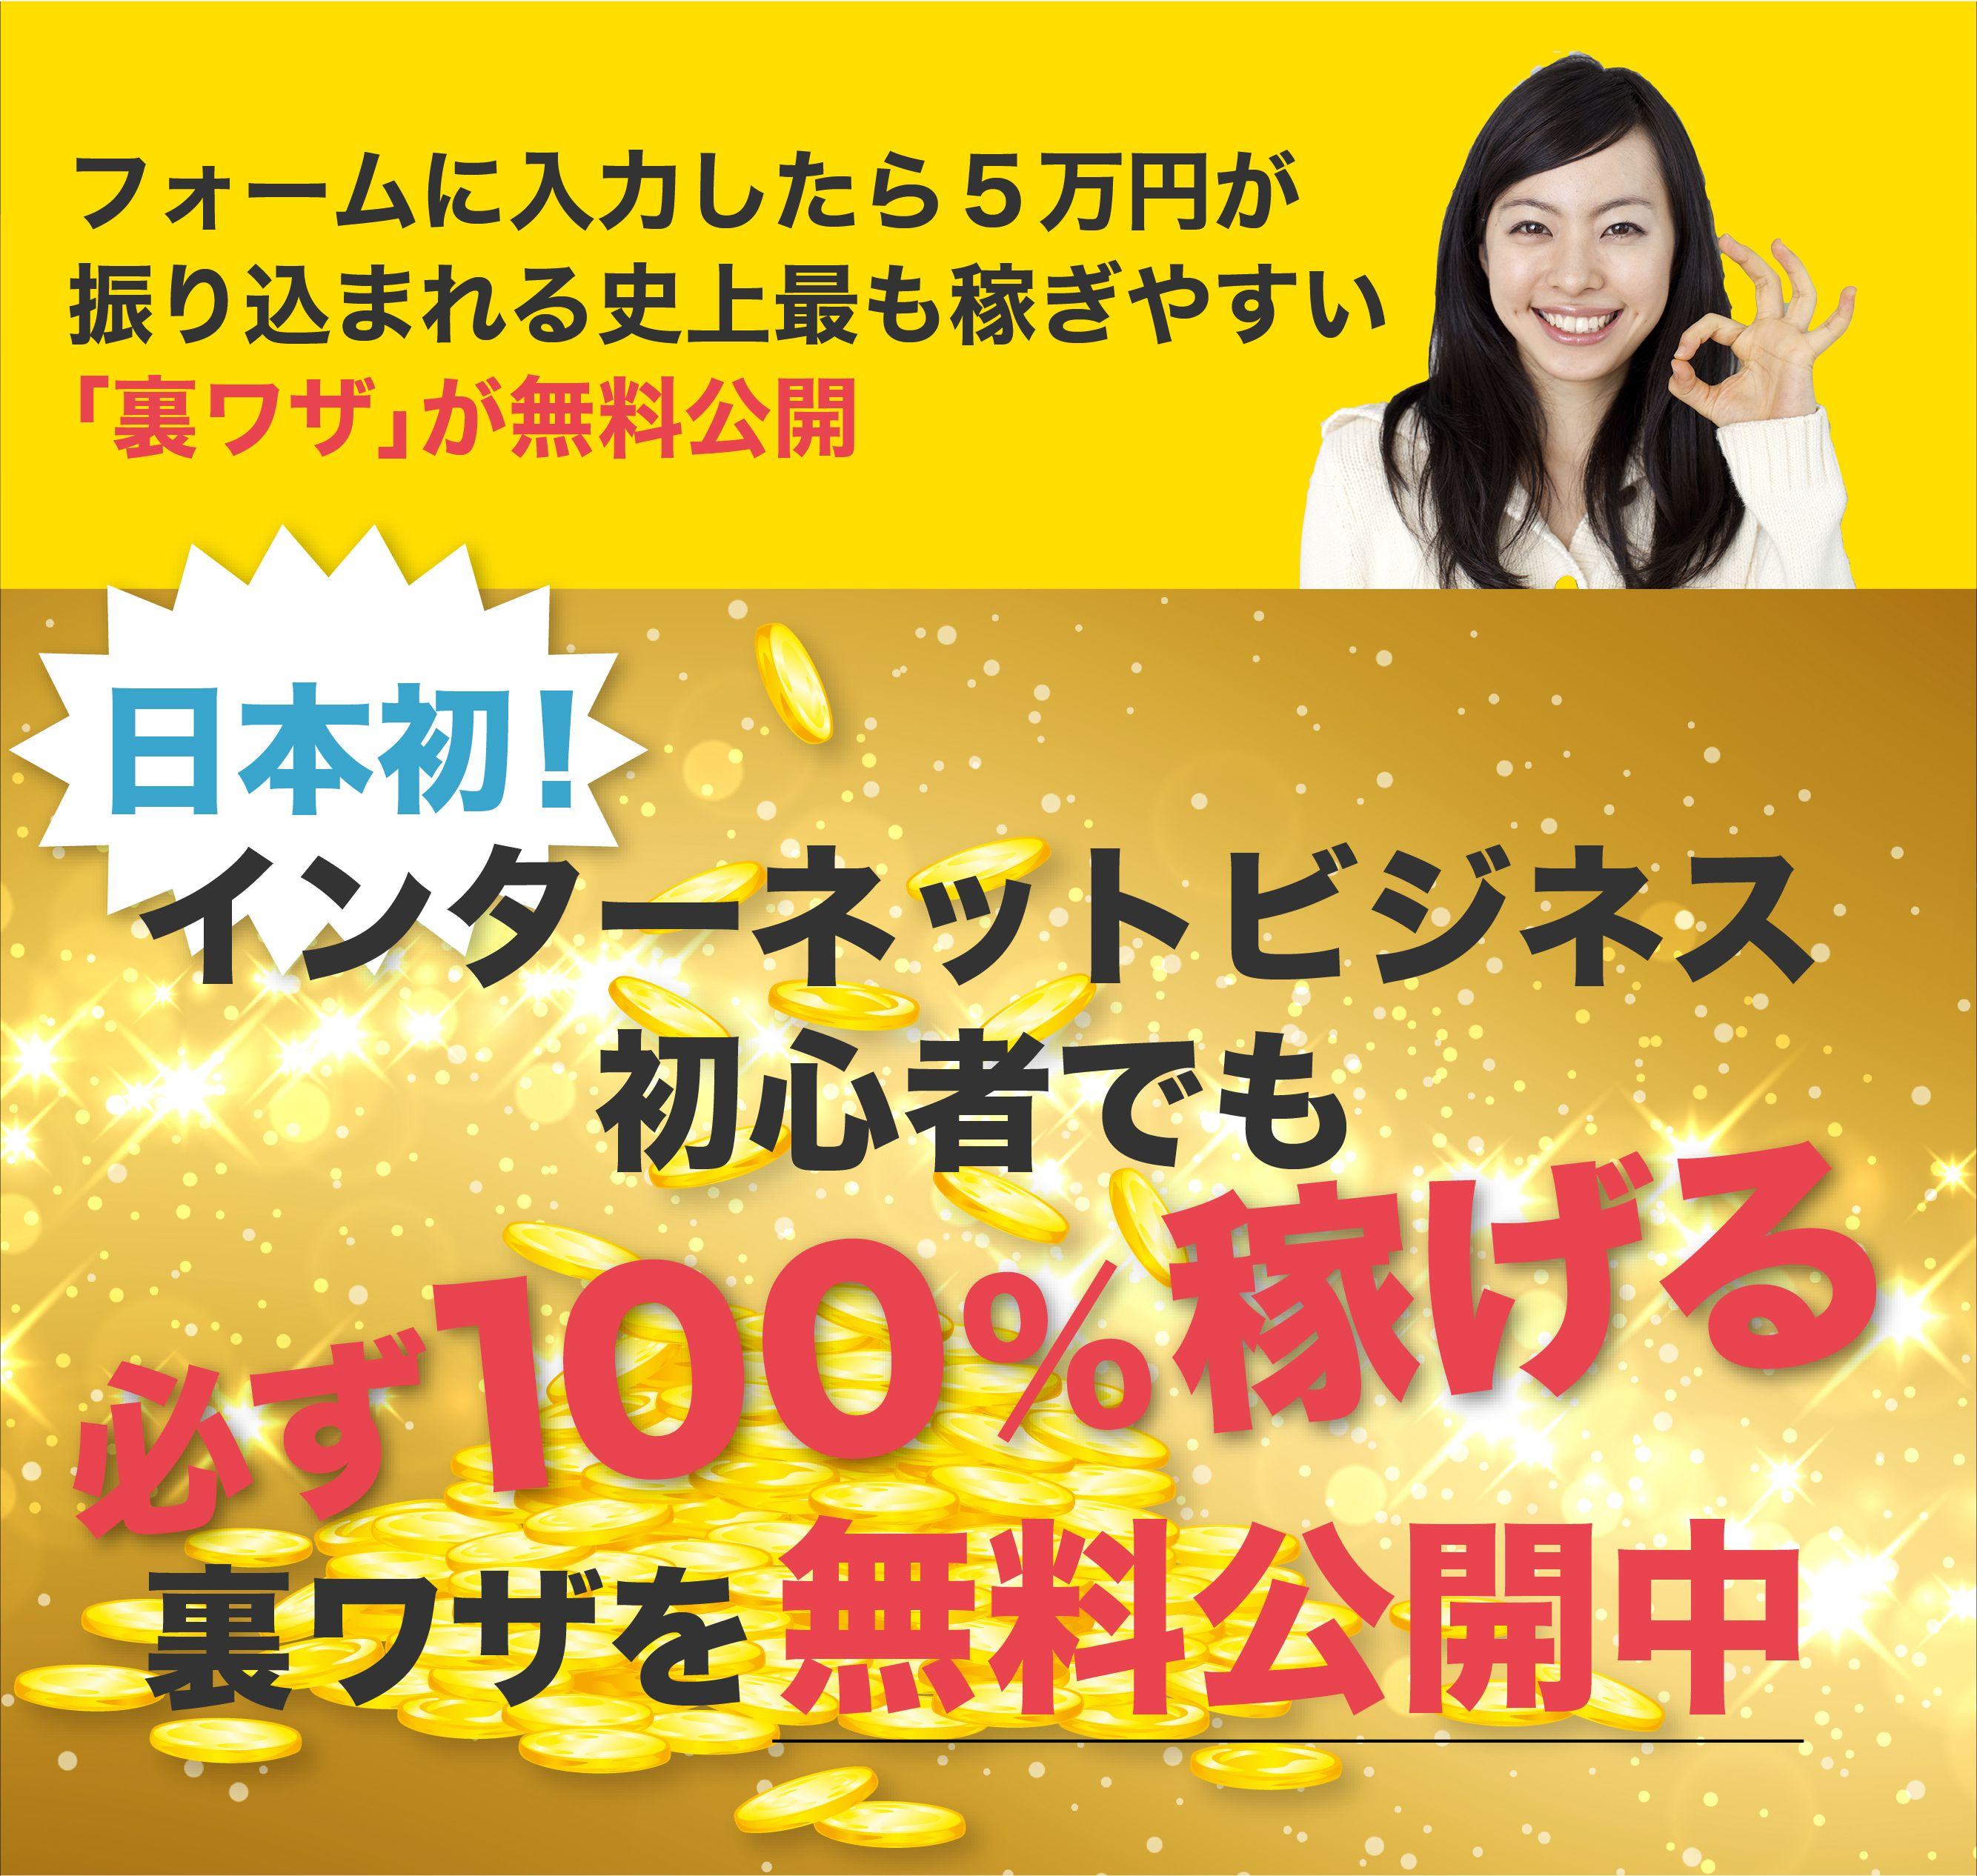 フォーム入力したら5万円が振り込まれる、史上最も稼ぎやすい「裏ワザ」が無料公開!日本初!インターネットビジネス初心者でも必ず100%稼げる裏ワザを無料公開中